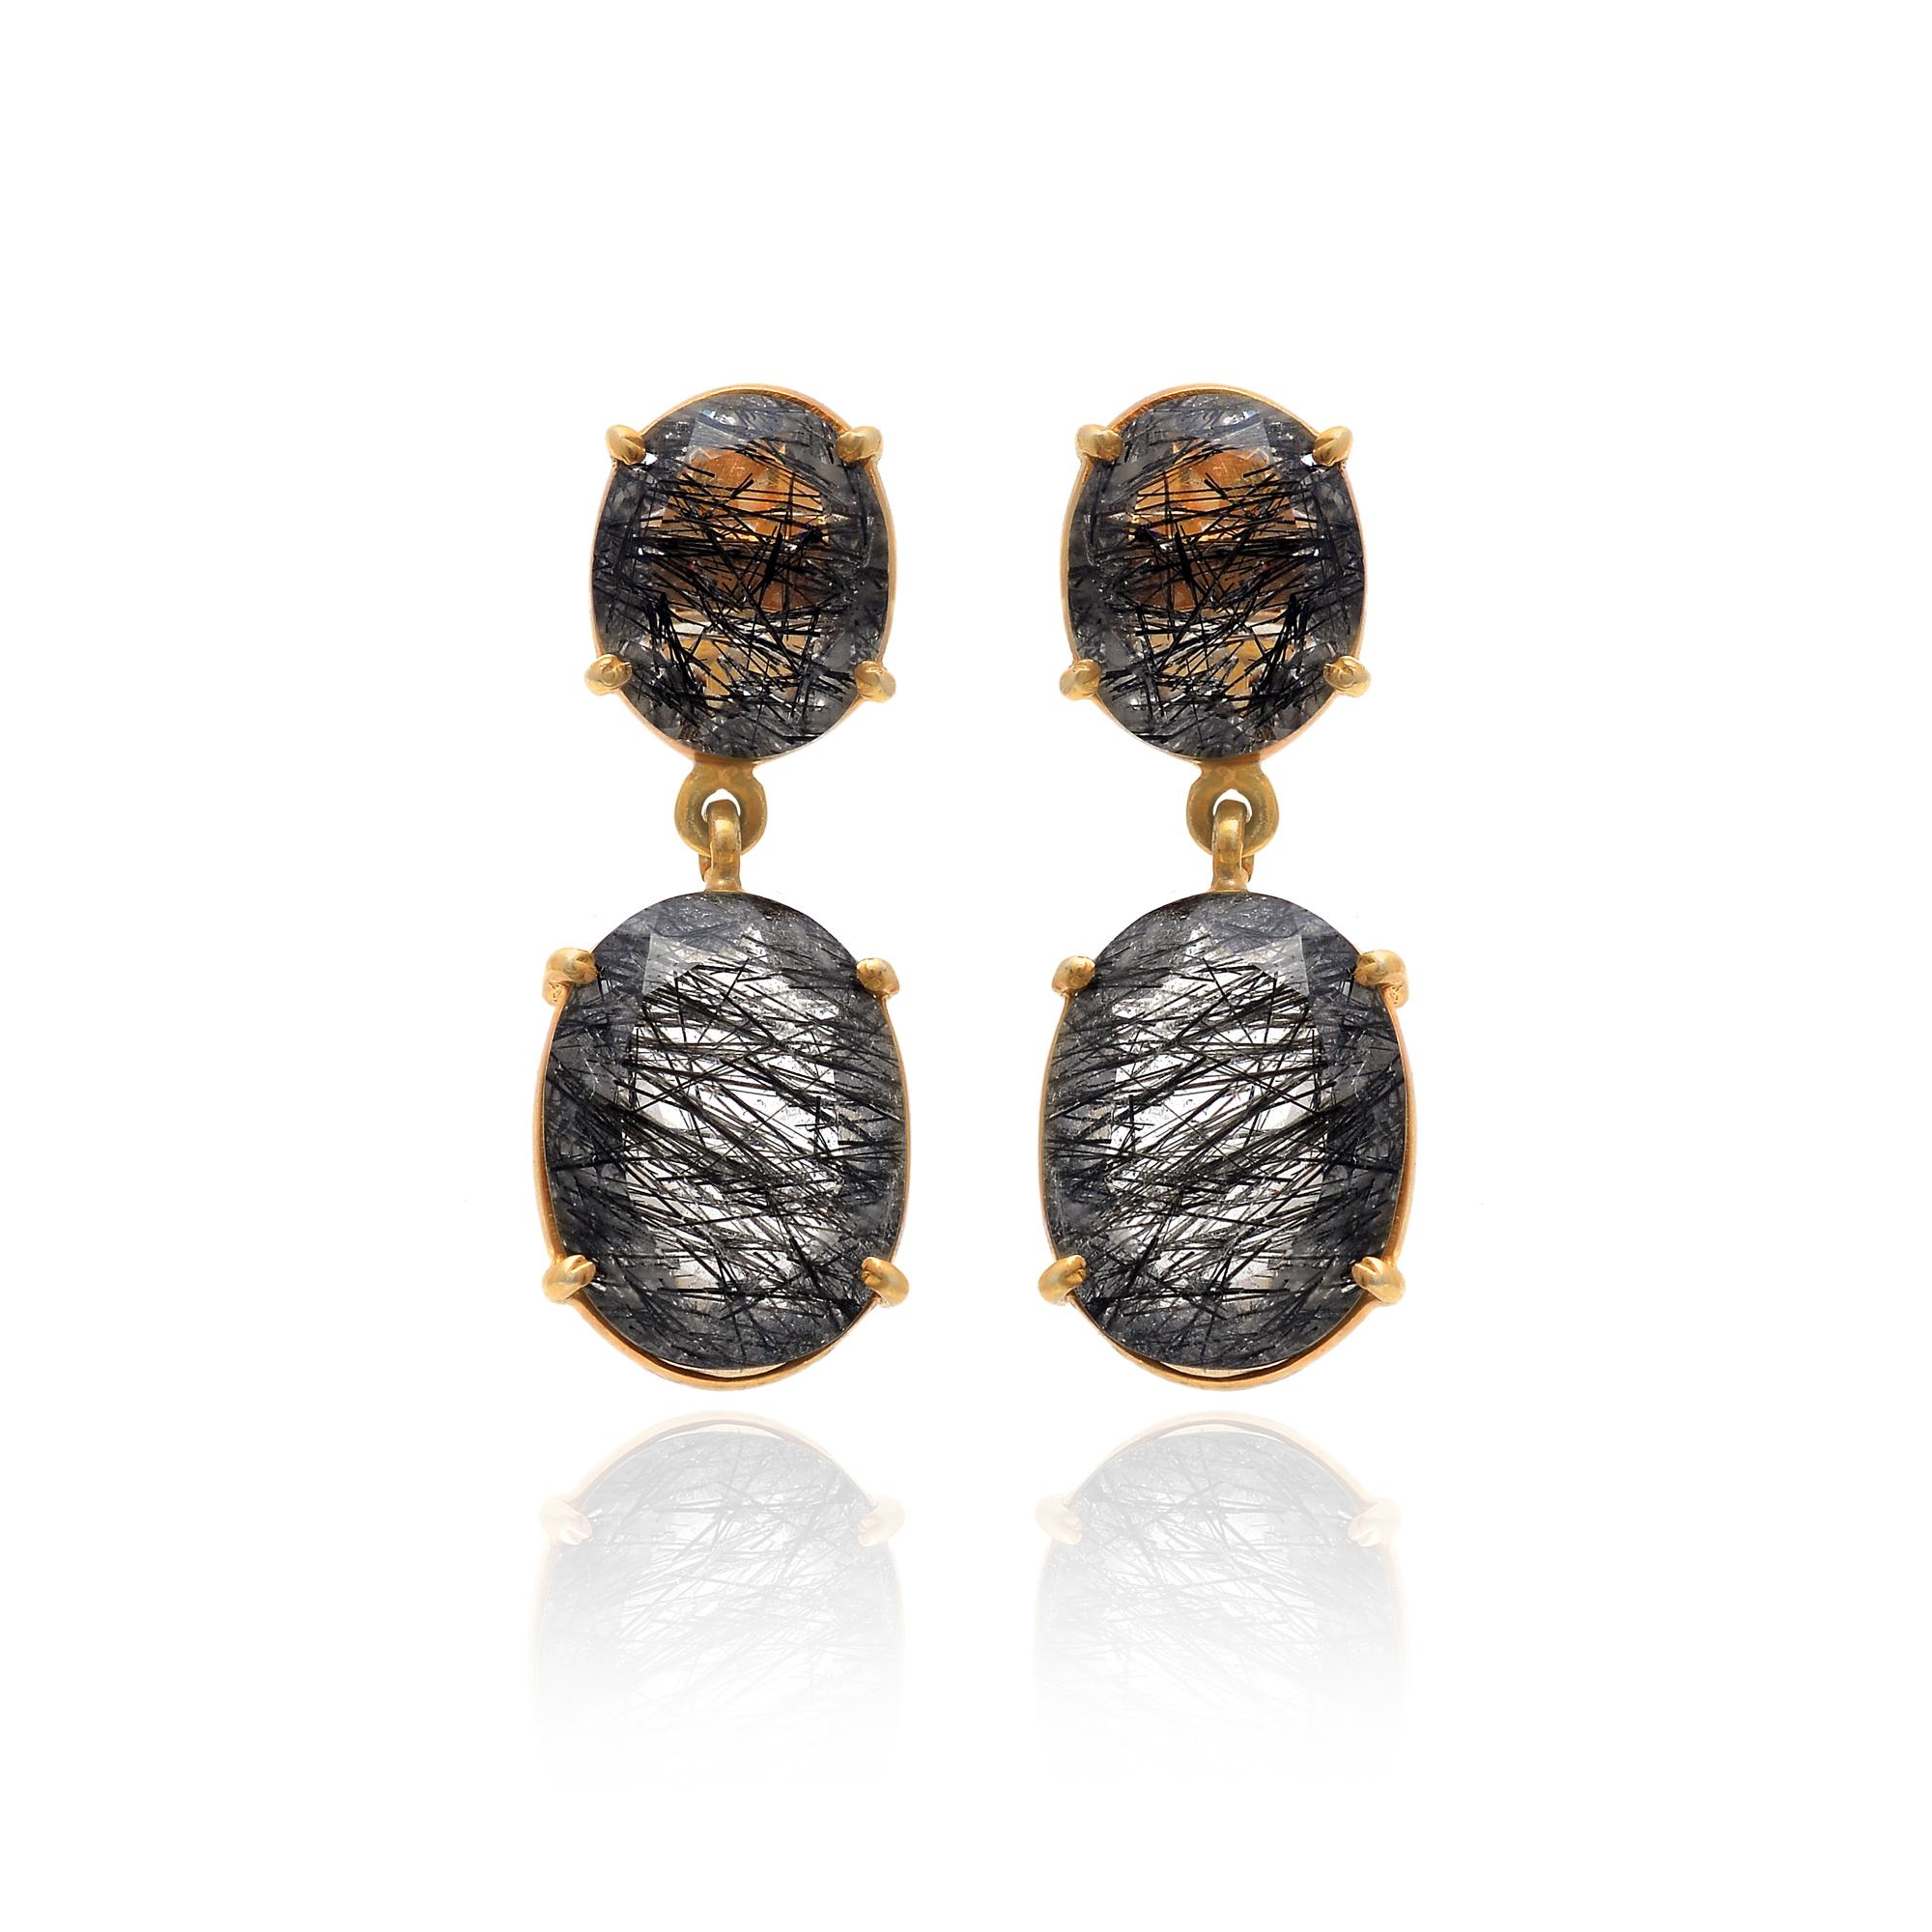 925 Sterling Silver Rutile Quartz Dangler Earring,Quartz Earring,Rutile Quartz